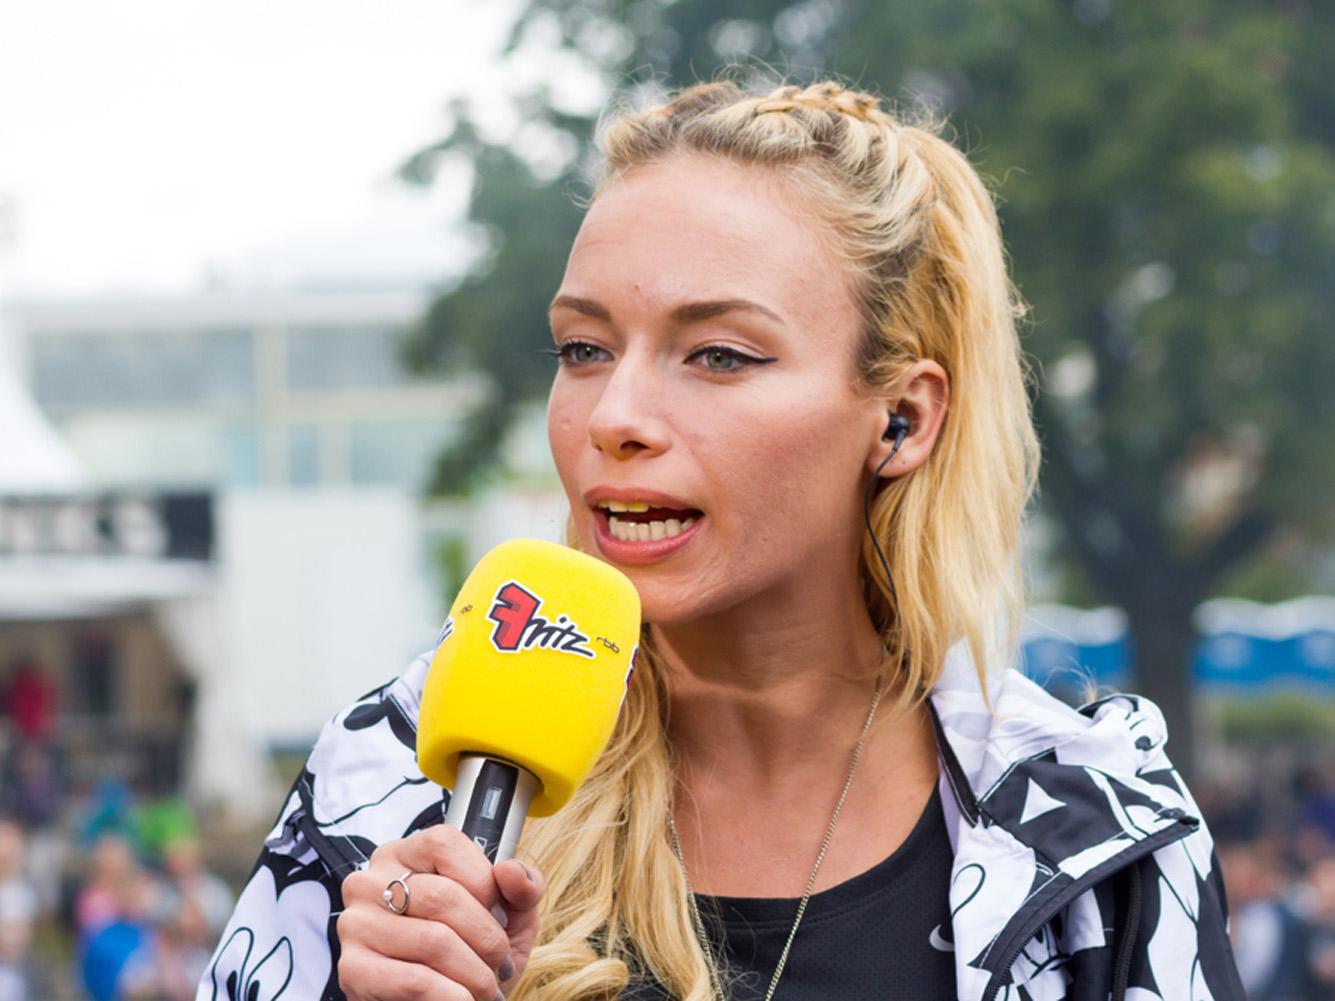 Frau mit gelben Mikrofon in der Hand im Gespräch